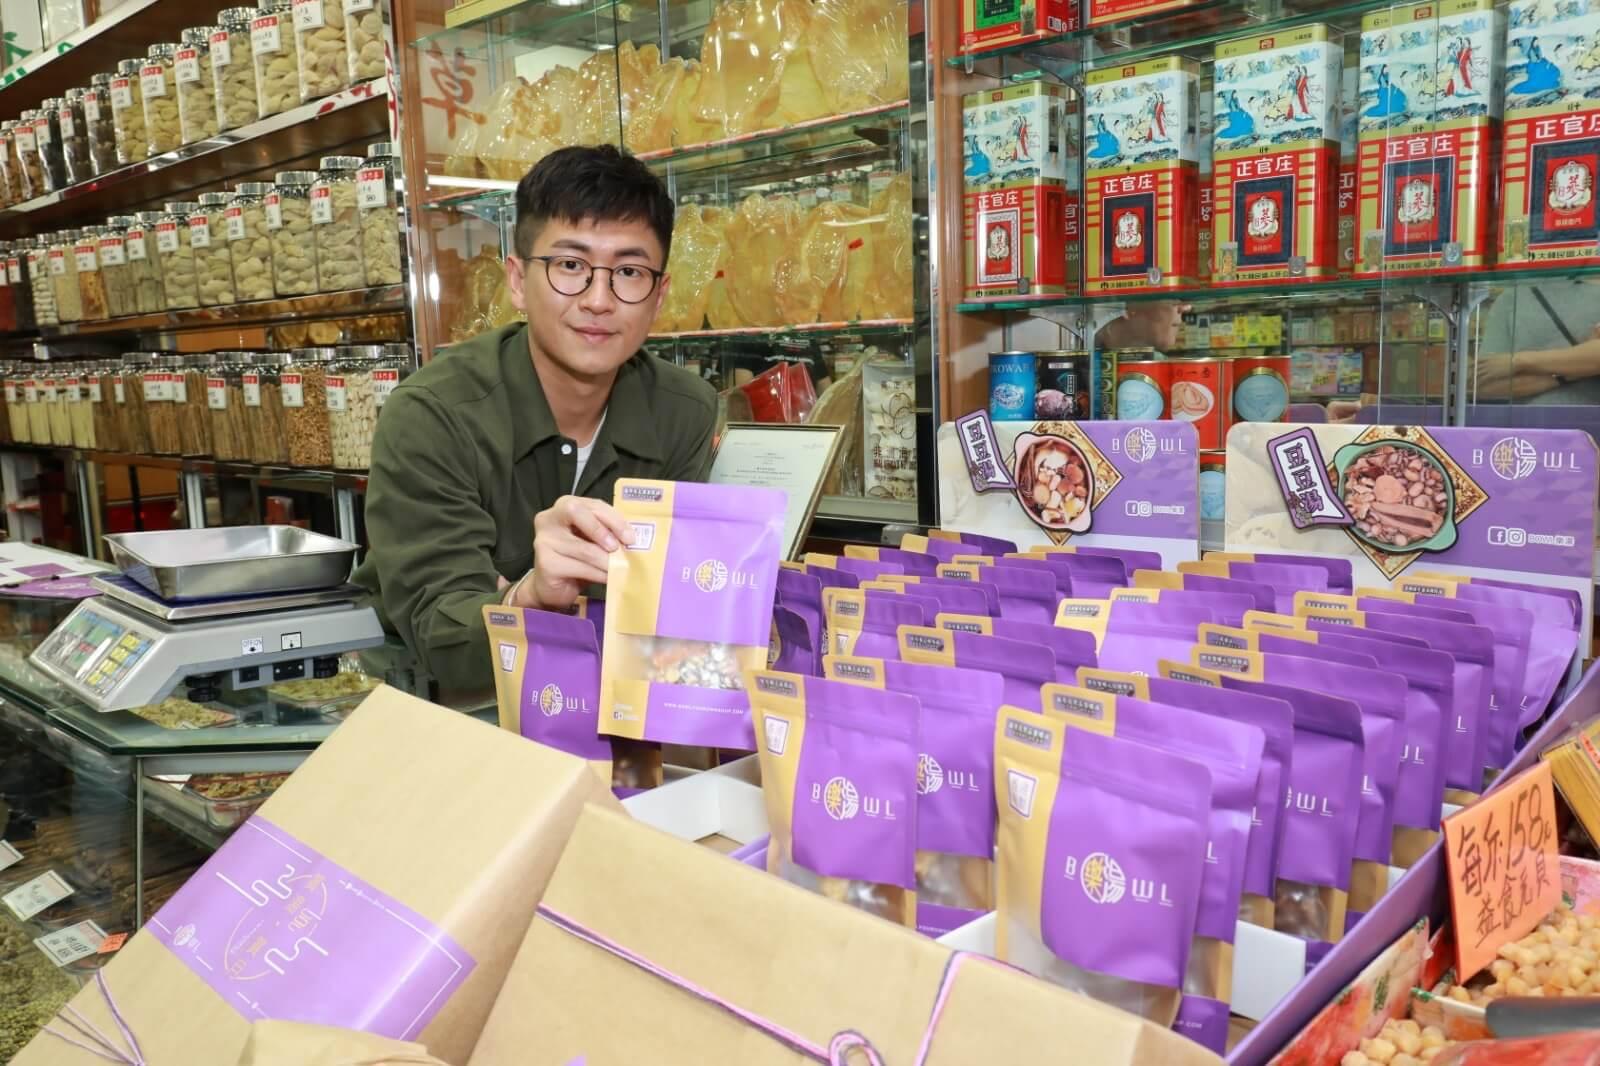 馬貫東落海味舖親自揀料,雖然是懶人湯包,但他堅持要用料新鮮,客人落單才會包裝送出。